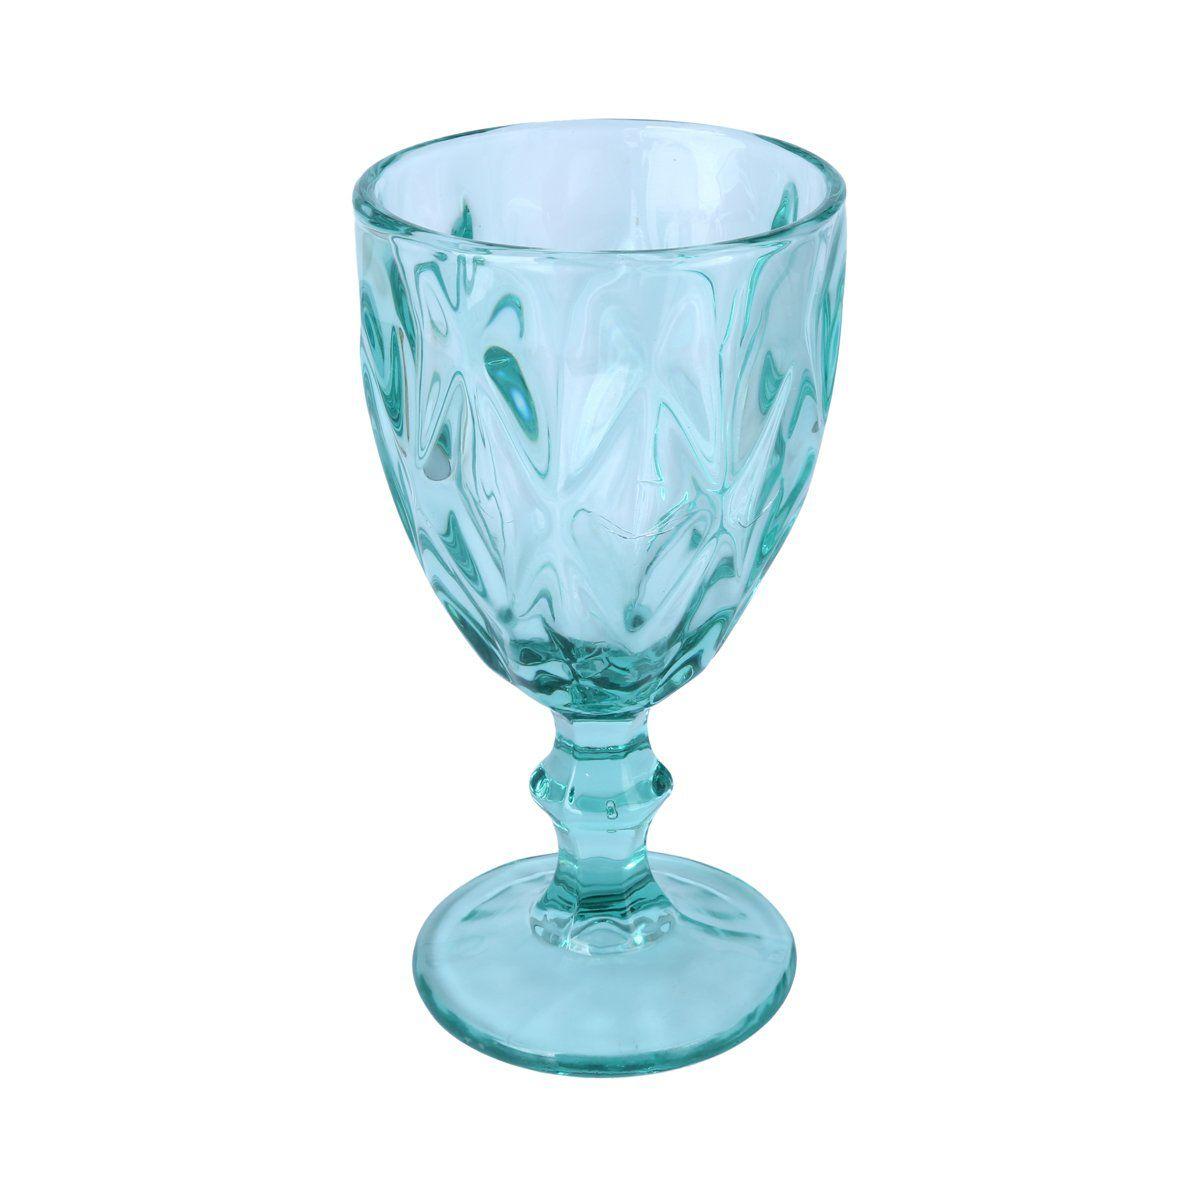 Jogo 6 taças 260ml para água de vidro azul tiffany Diamond Lyor - L66930